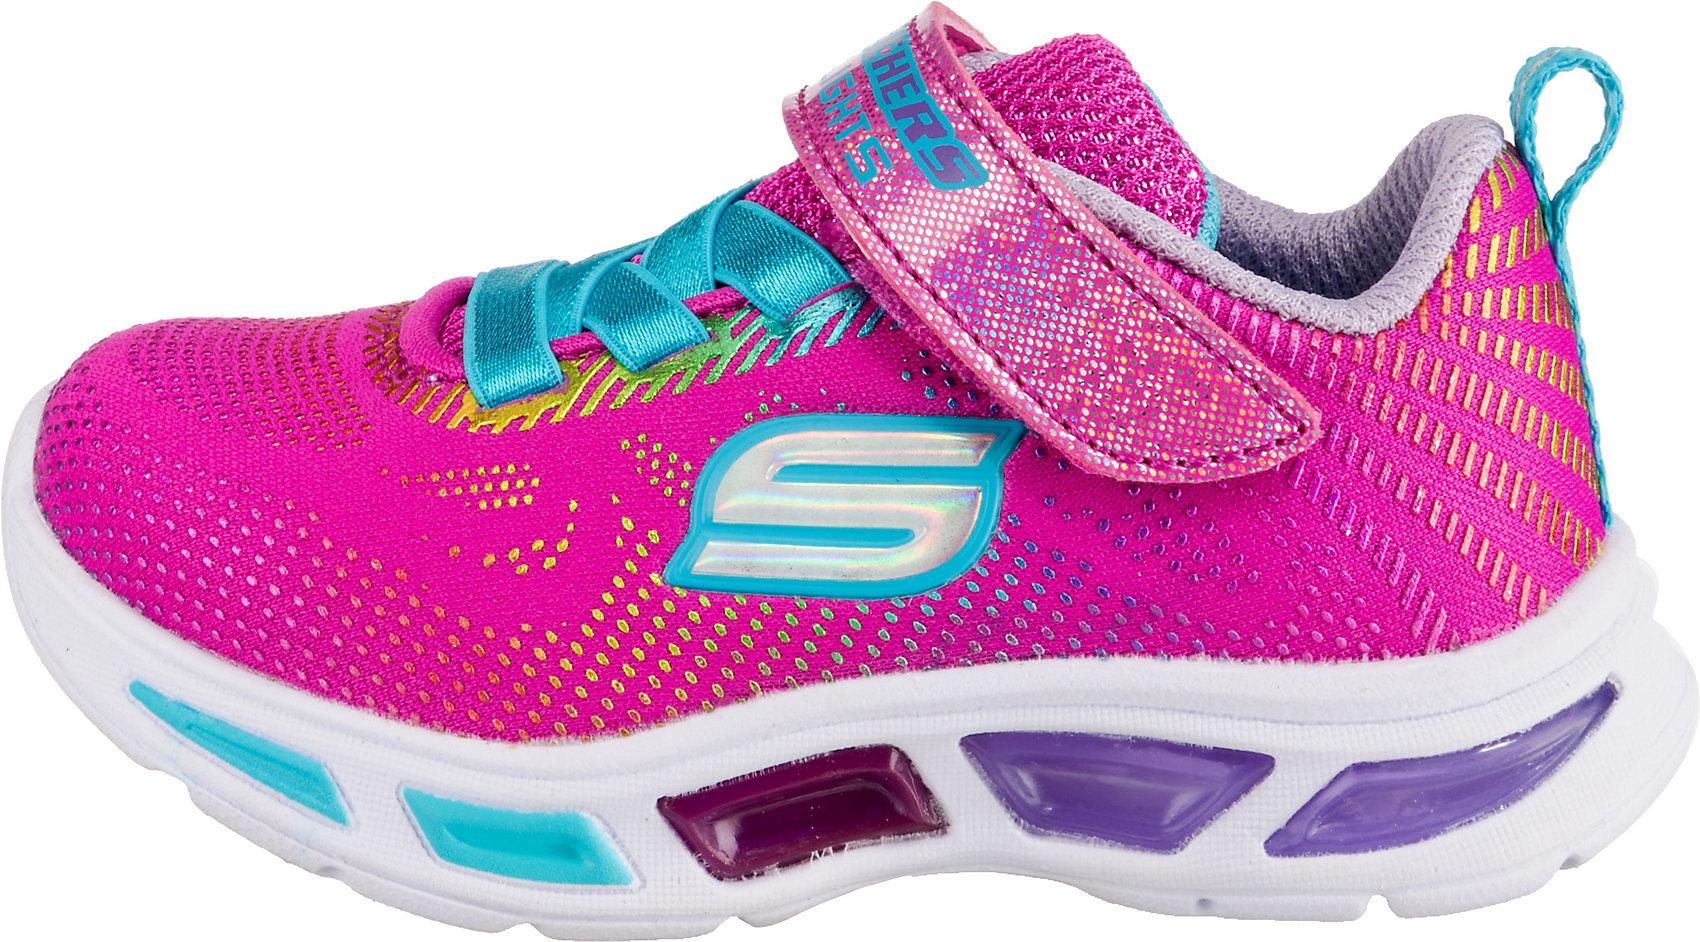 SKECHERS, Sneakers Low Blinkies LITEBEAMS GLEAM N' DREAM für Mädchen, schwarz